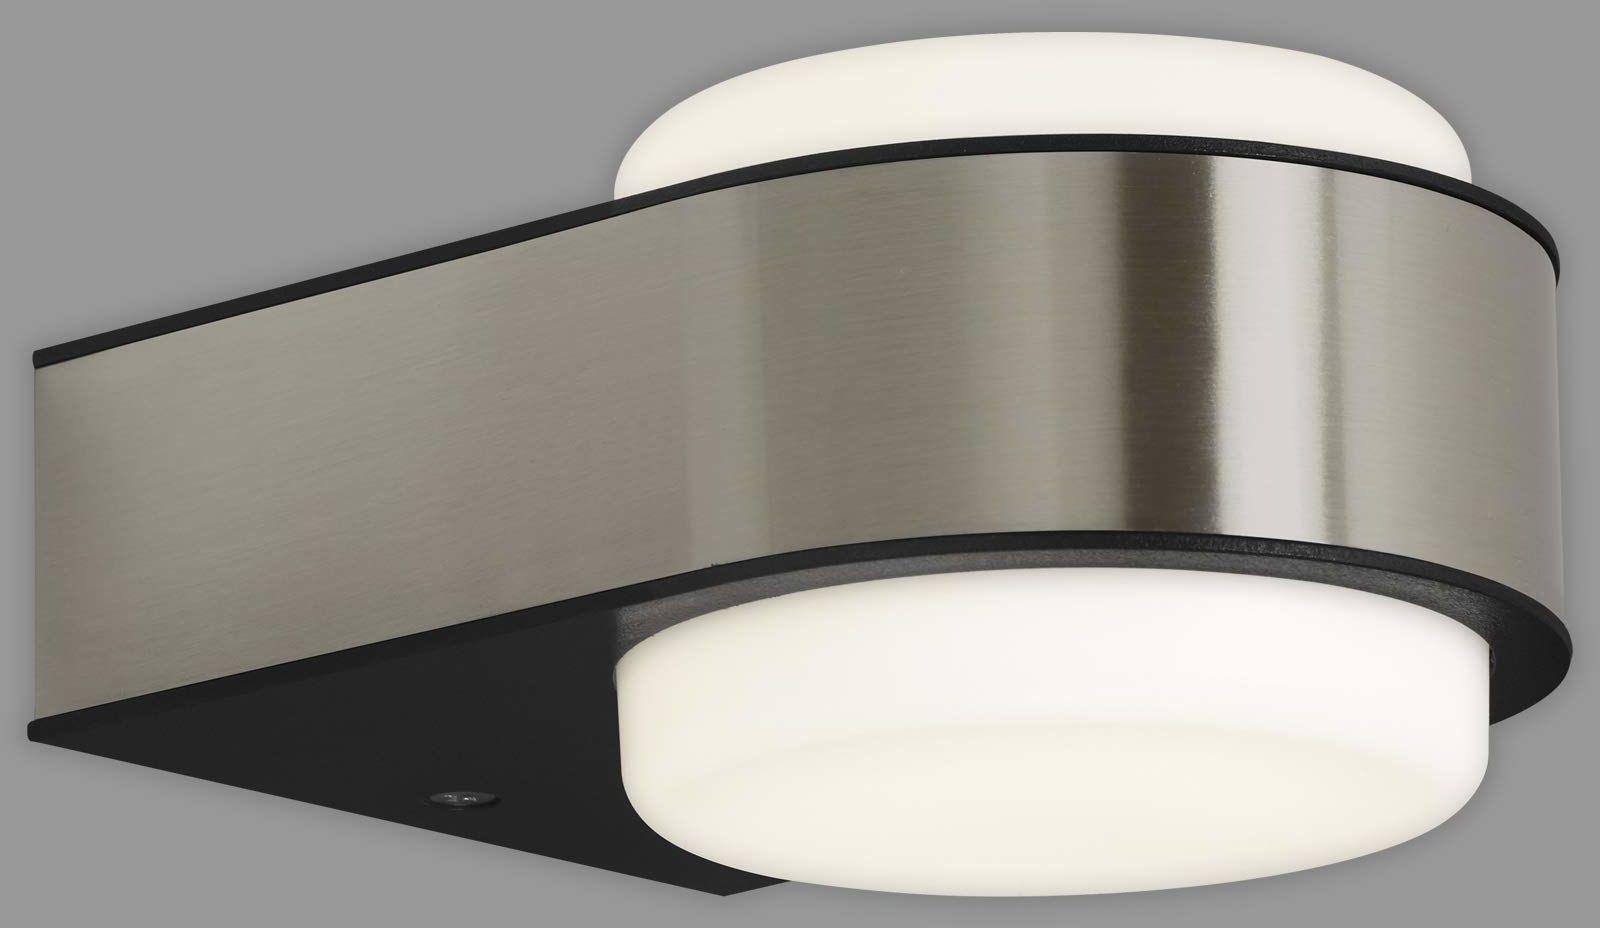 Briloner Leuchten - Lampa zewnętrzna LED, lampa zewnętrzna, lampa ścienna zewnętrzna, IP44, 6,5 W, 650 lumenów, 4000 kelwinów, stal nierdzewna, 144 x 104 x 69 mm (dł. x szer. x wys.)